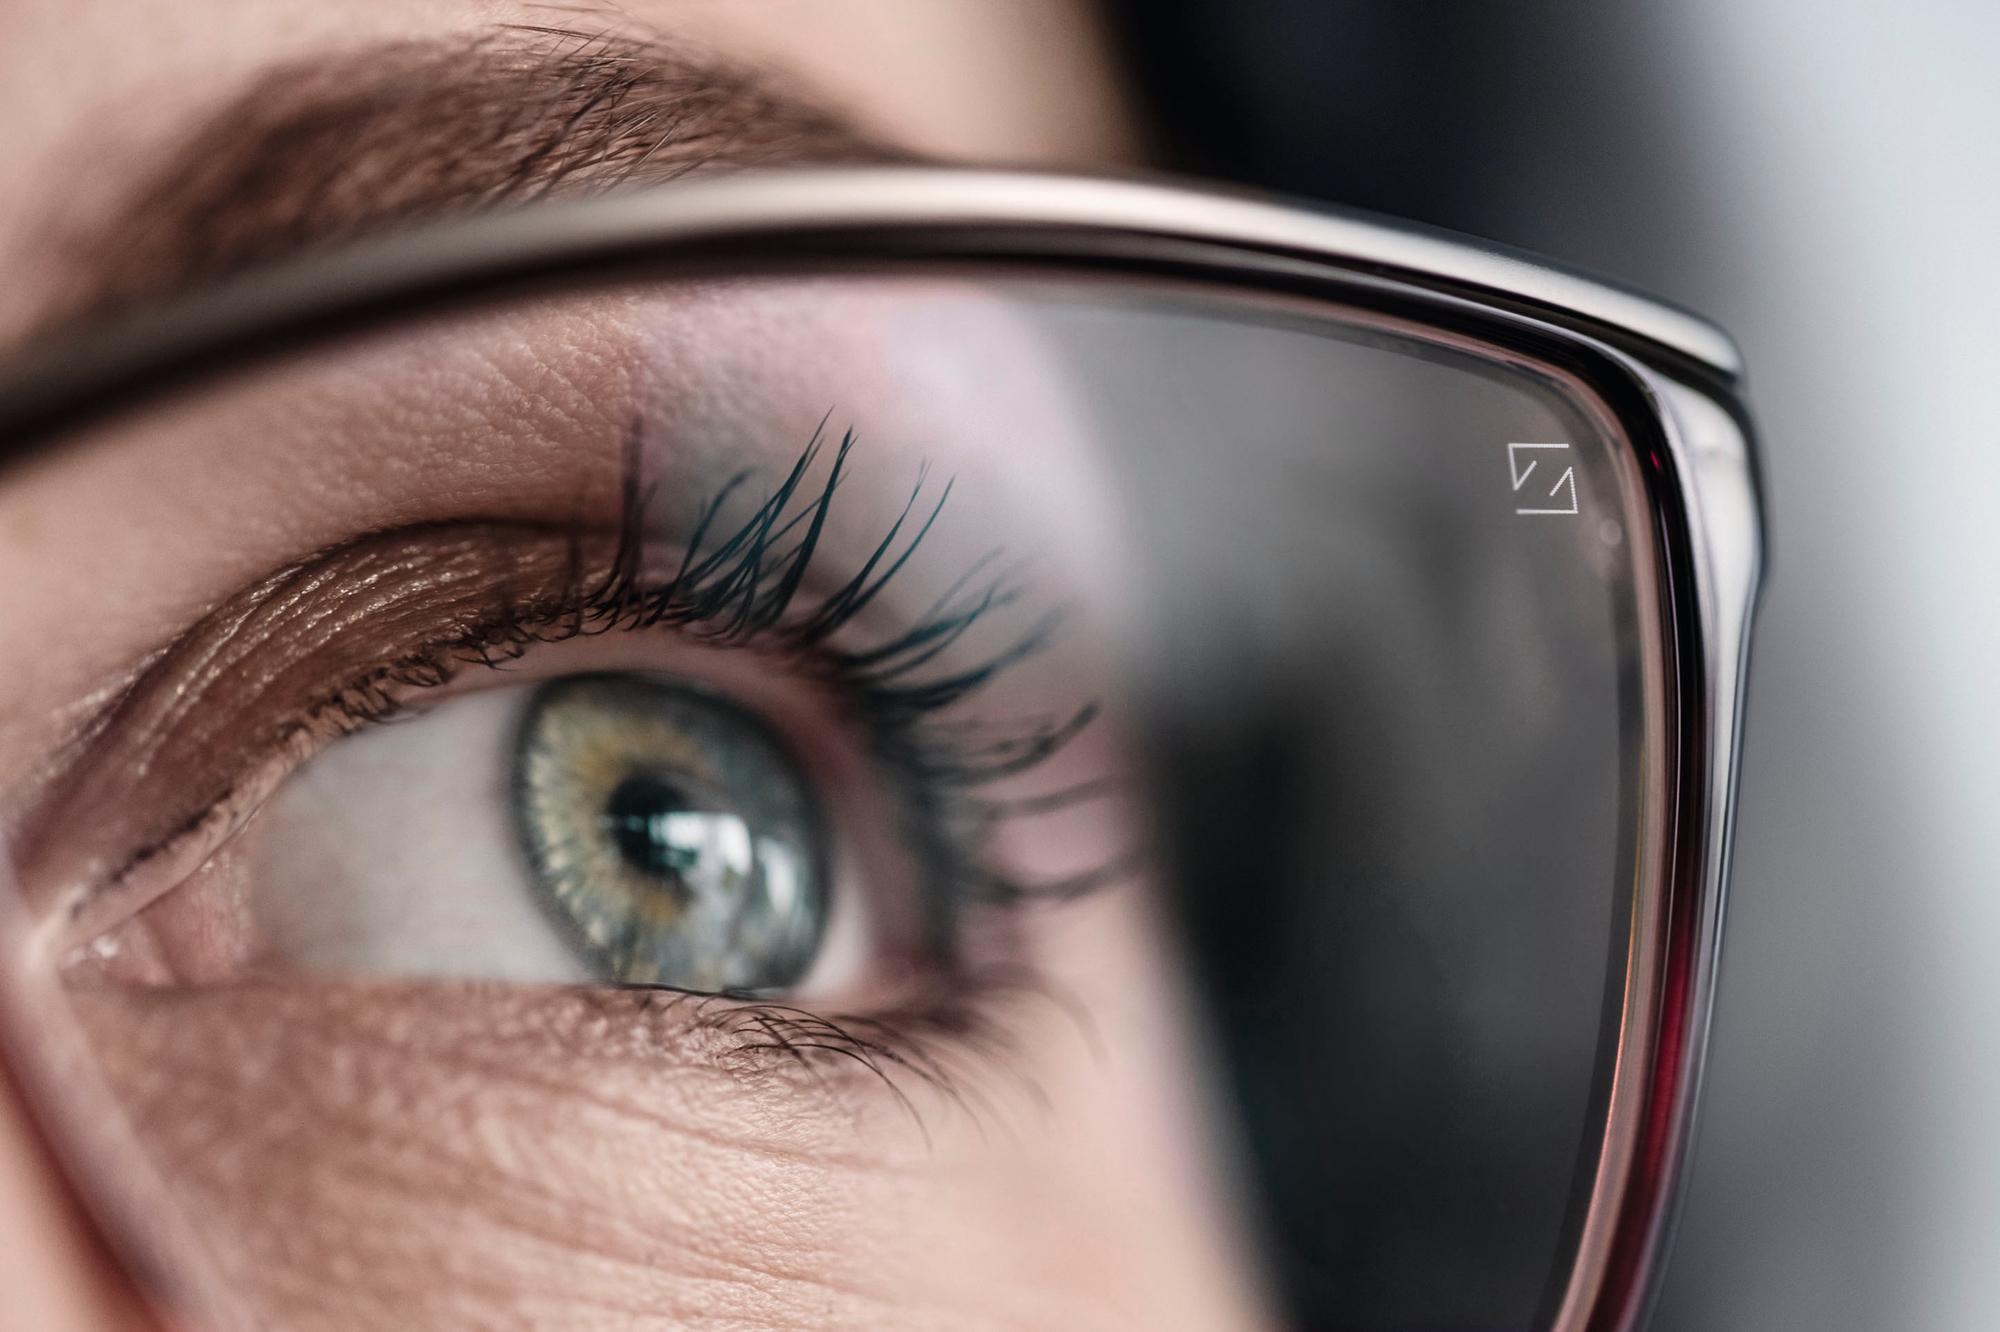 Bảo quản tốt mắt kính - bảo vệ tầm nhìn của bạn